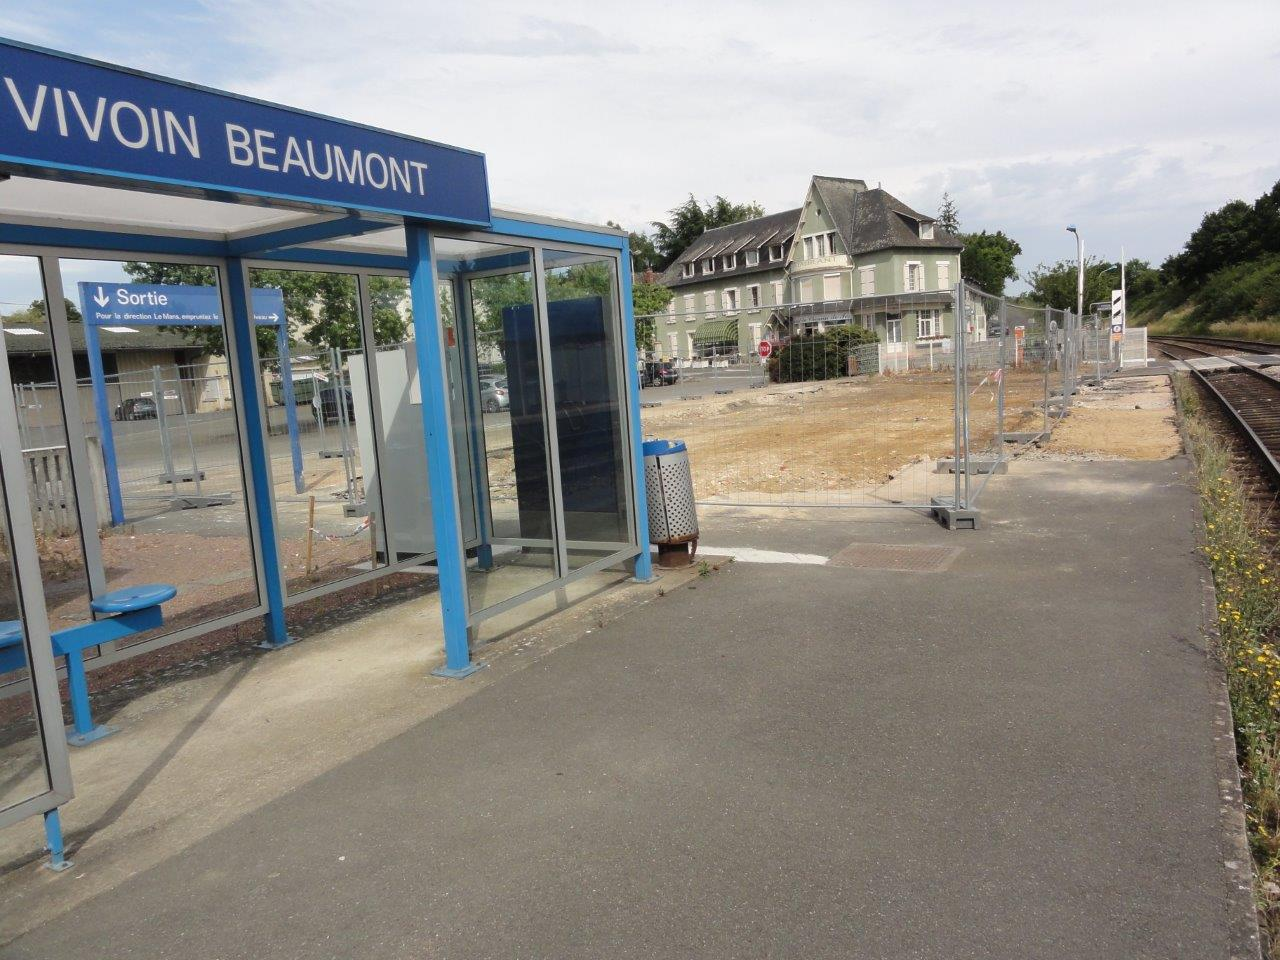 gare-de-vivoin-beaumont-train-station